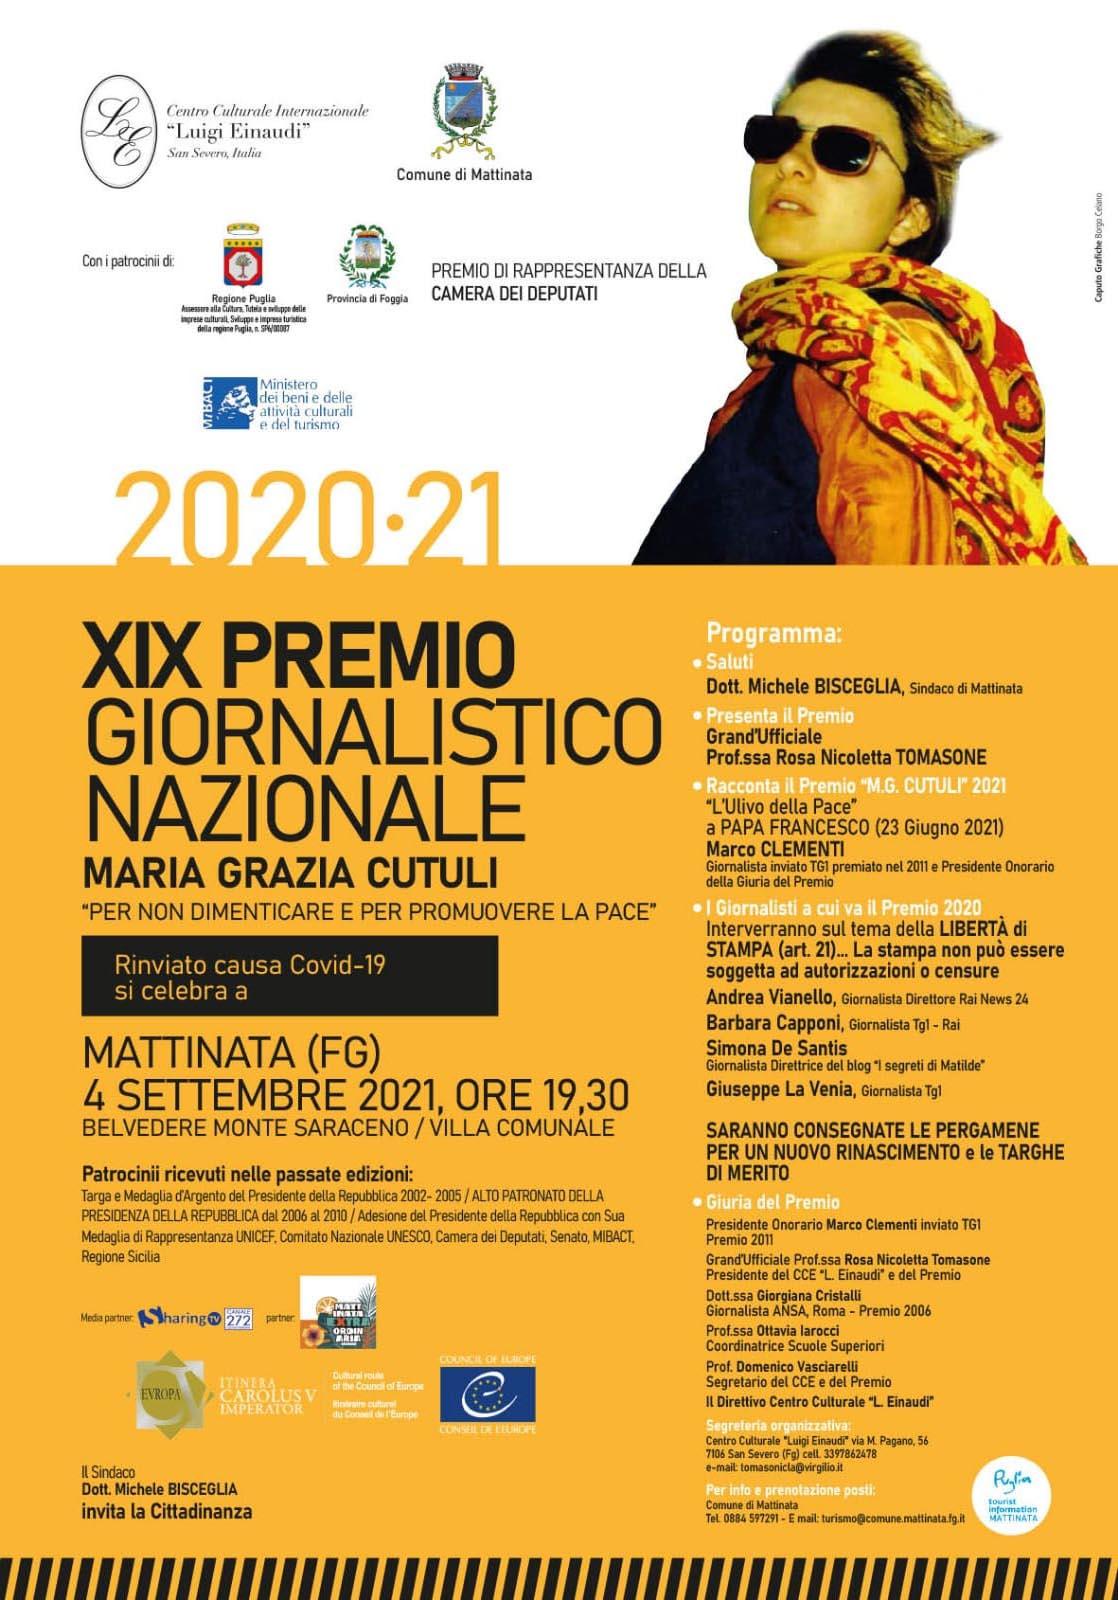 Premio giornalistico nazionale Maria Grazia Cutuli